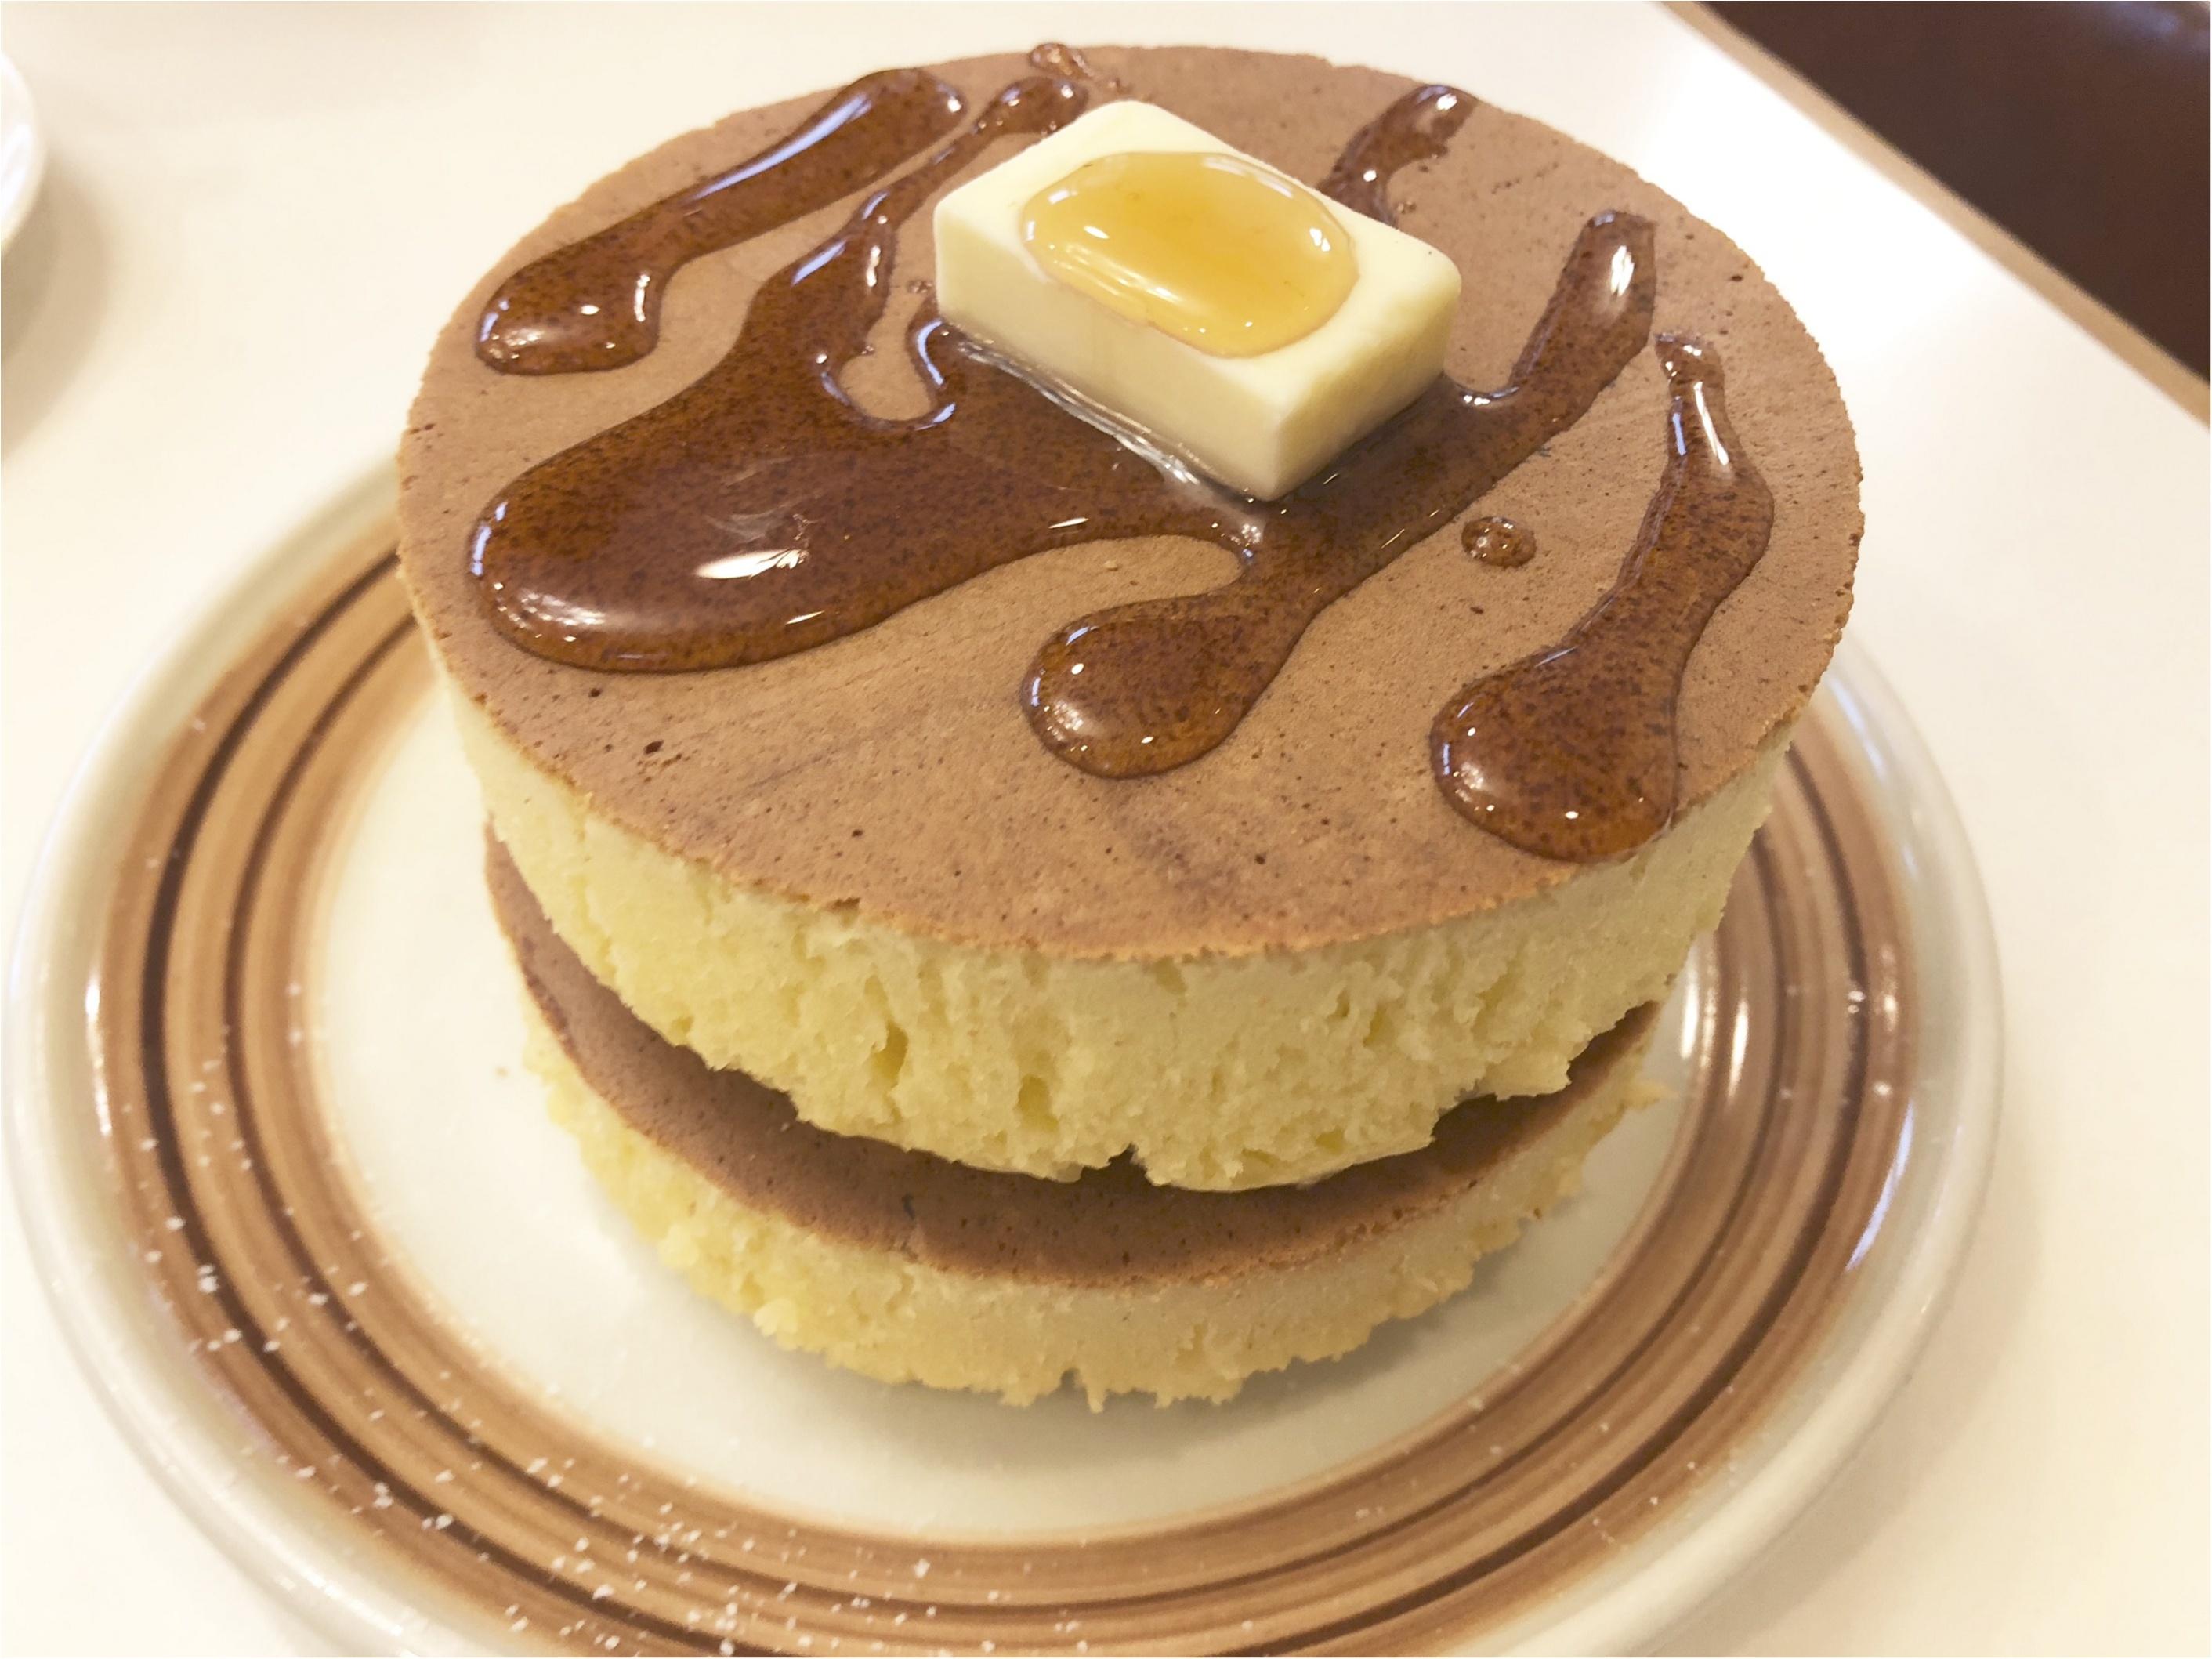 【鎌倉散歩】幸せを頬張って♡イワタコーヒーのホットケーキは見逃せない!_2